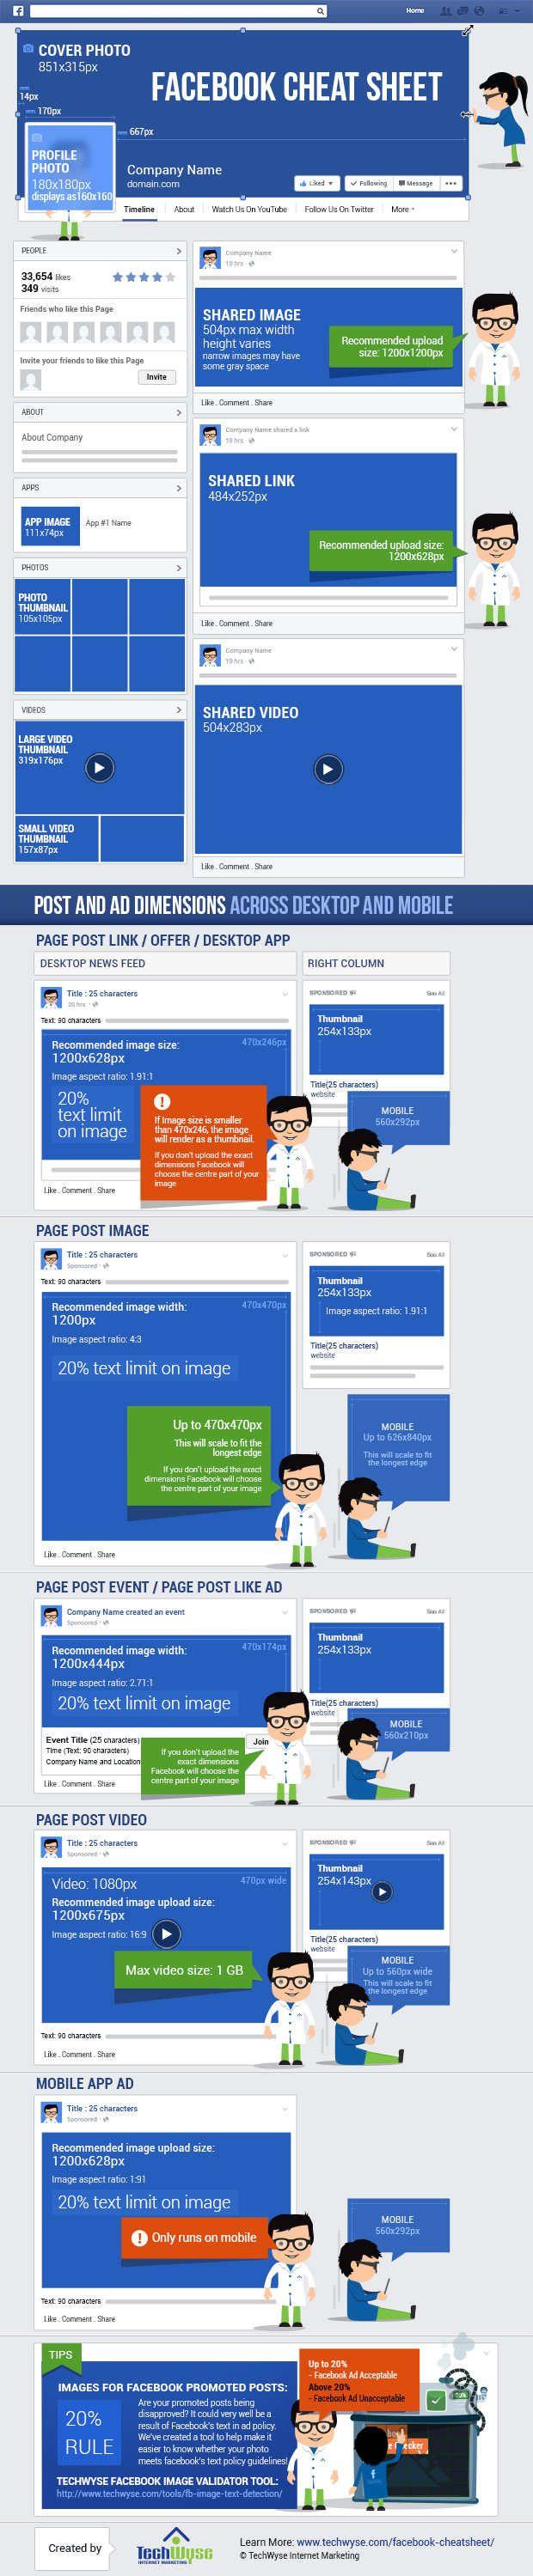 Personalizar tu página de Facebook, lo que tienes que saber - Infografía